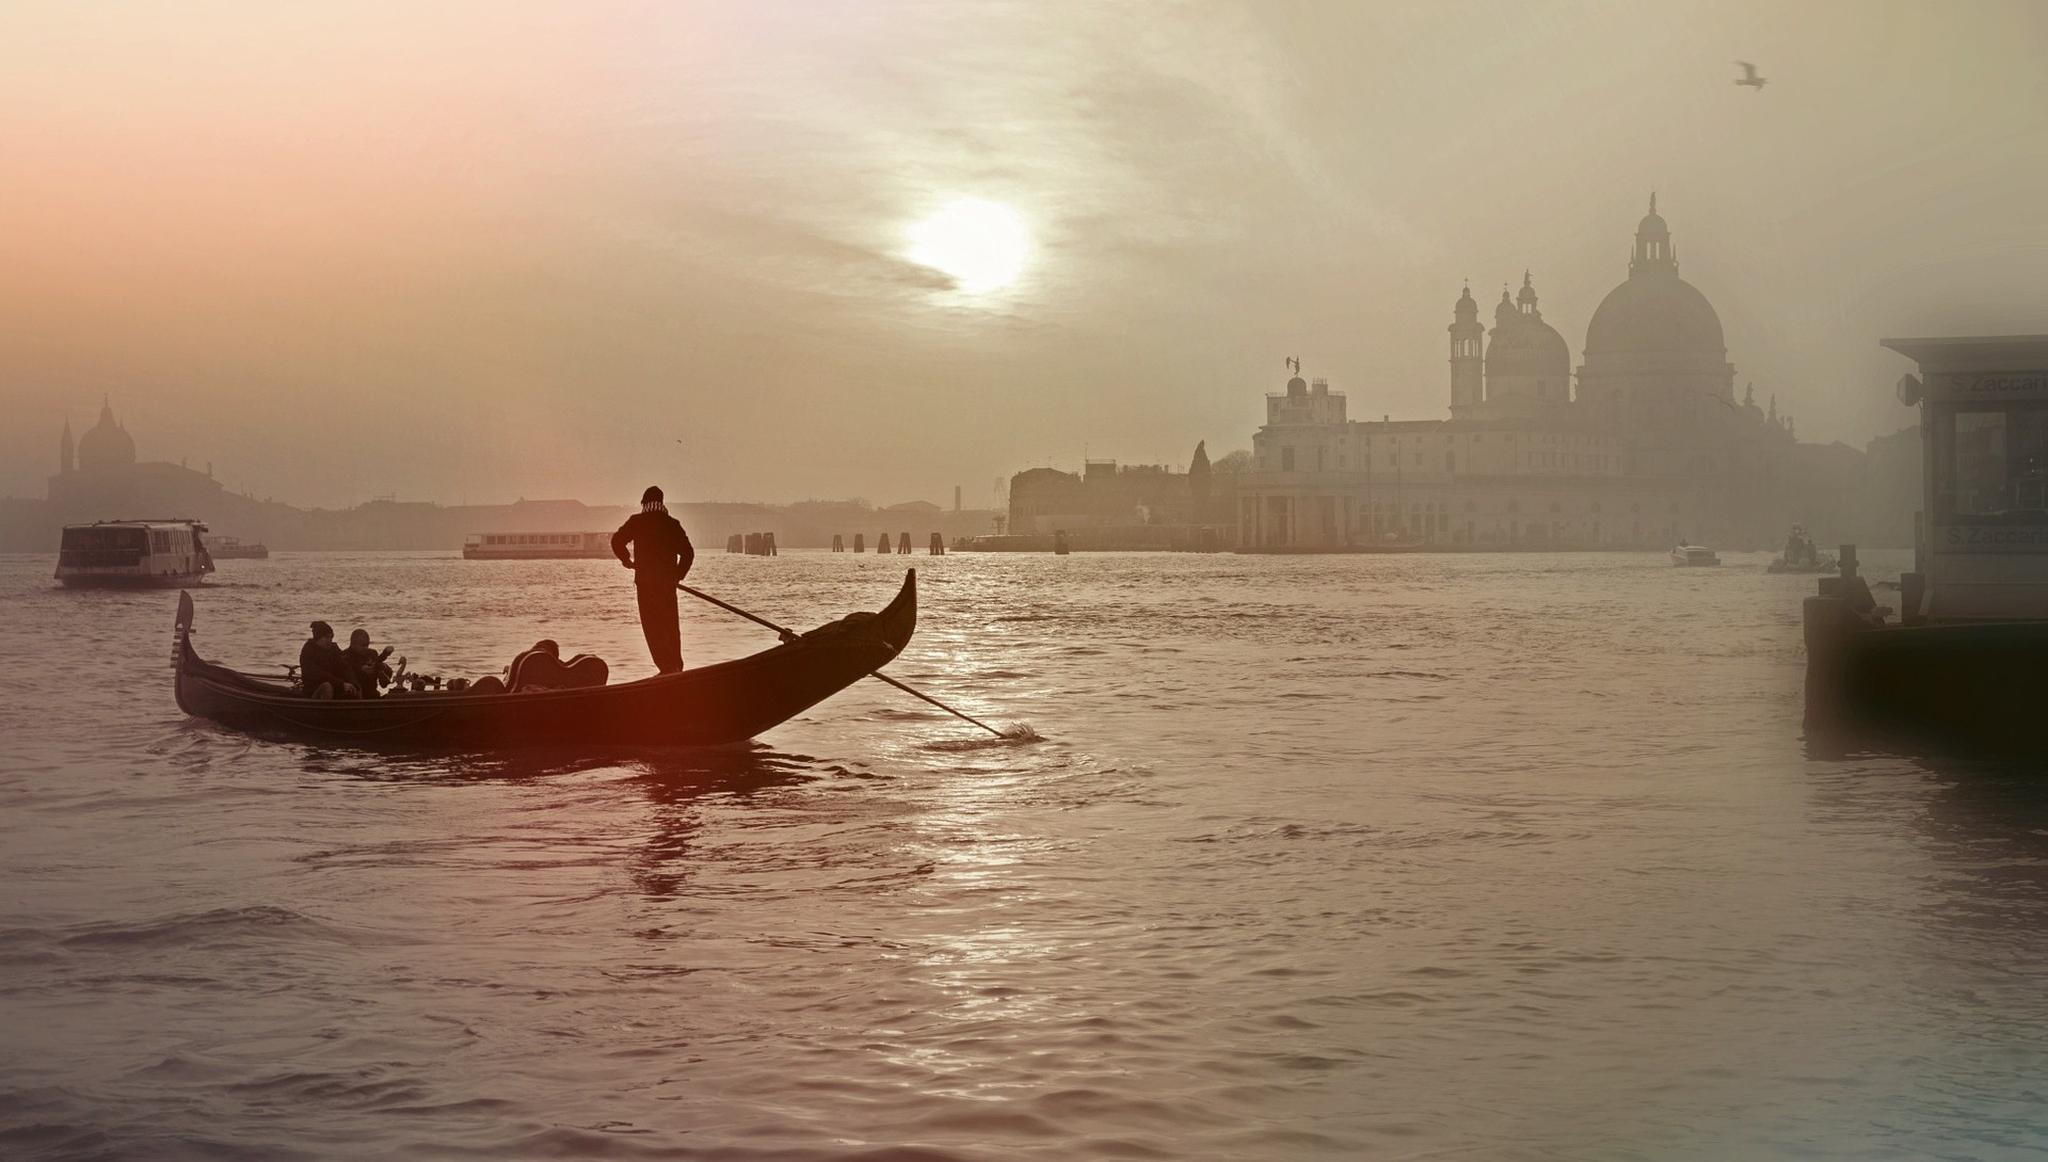 Жителей Твери приглашают на музейно-театральную программу «Венеция златая» - новости Афанасий